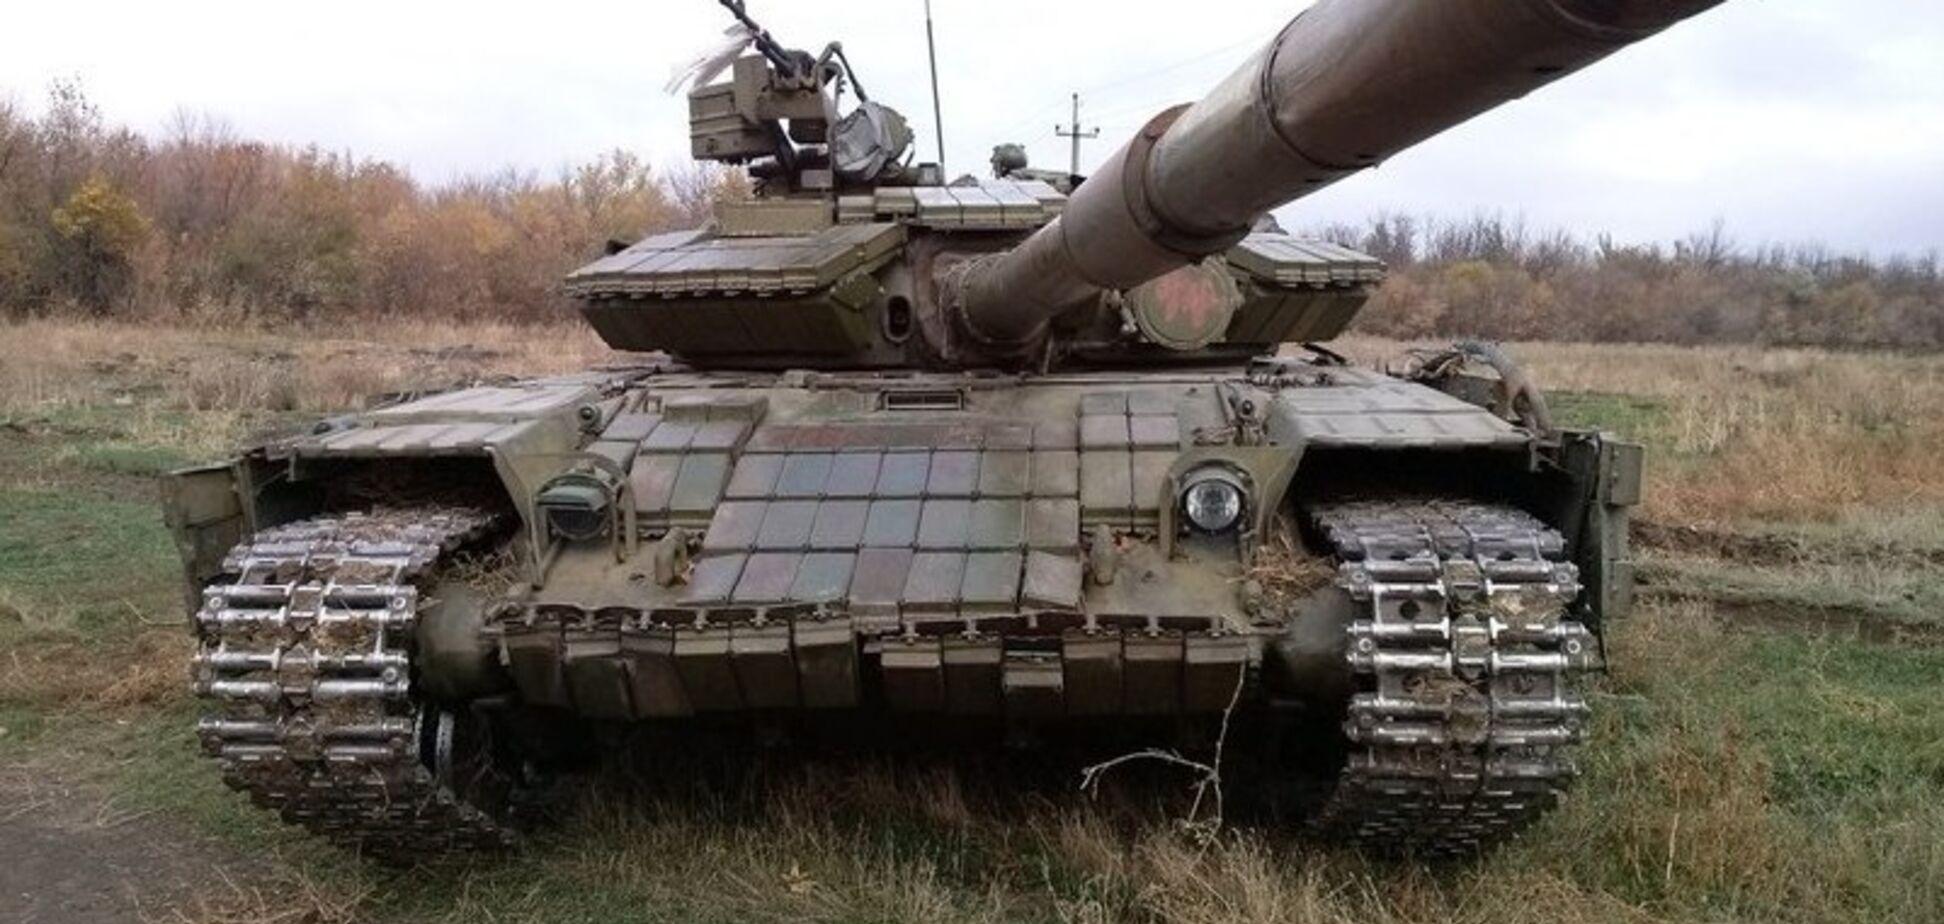 В Минобороны скрывают махинации Мельника с танковыми двигателями - эксперт